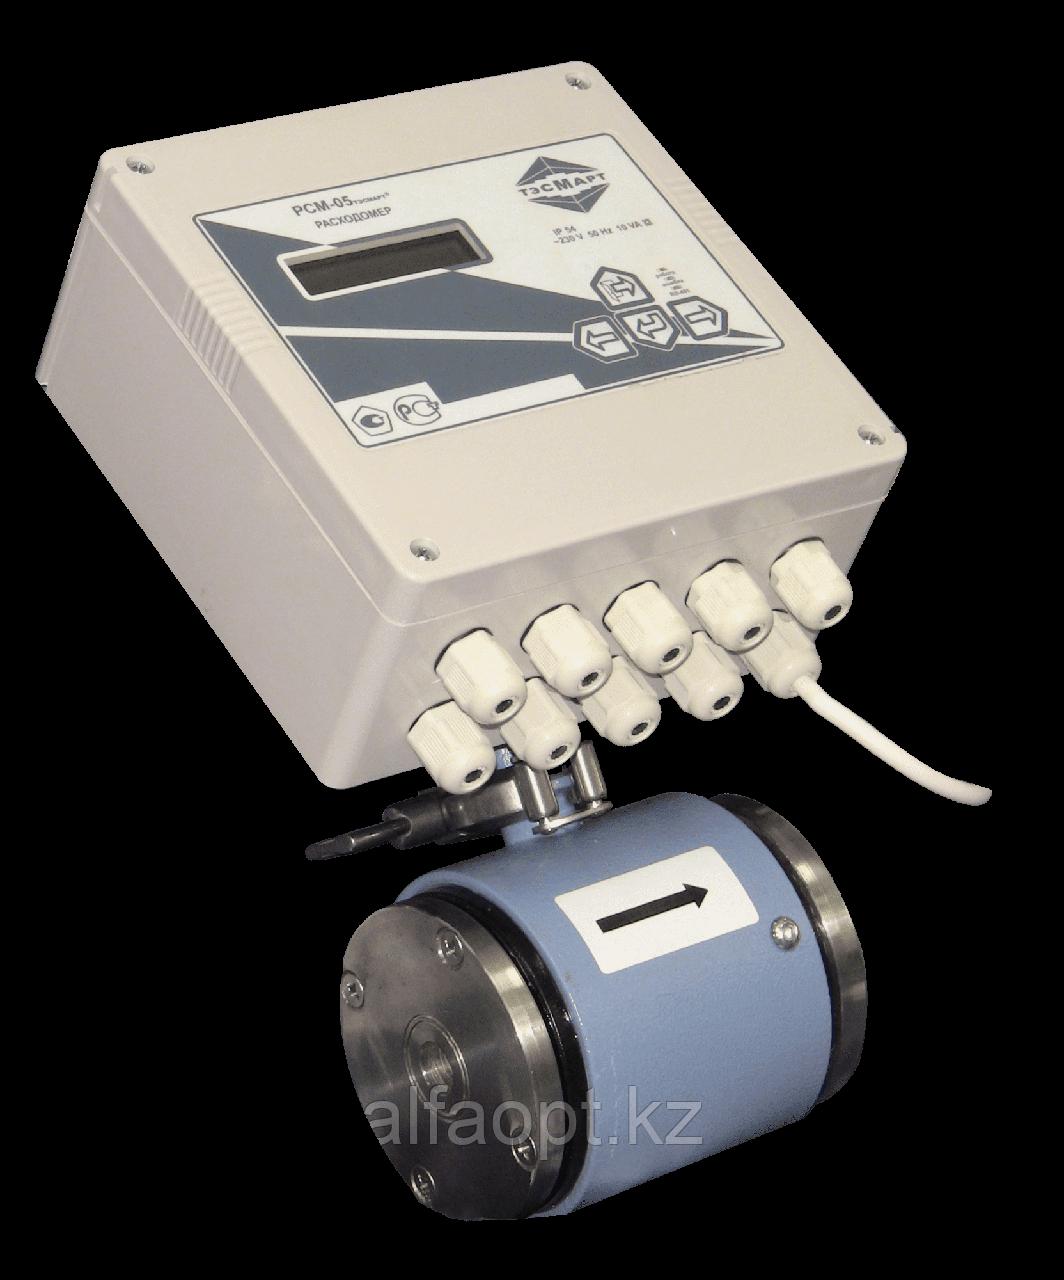 Многоканальный электромагнитный расходомер ТЭСМАРТ-РХ Ду80 (2Р; резьба)